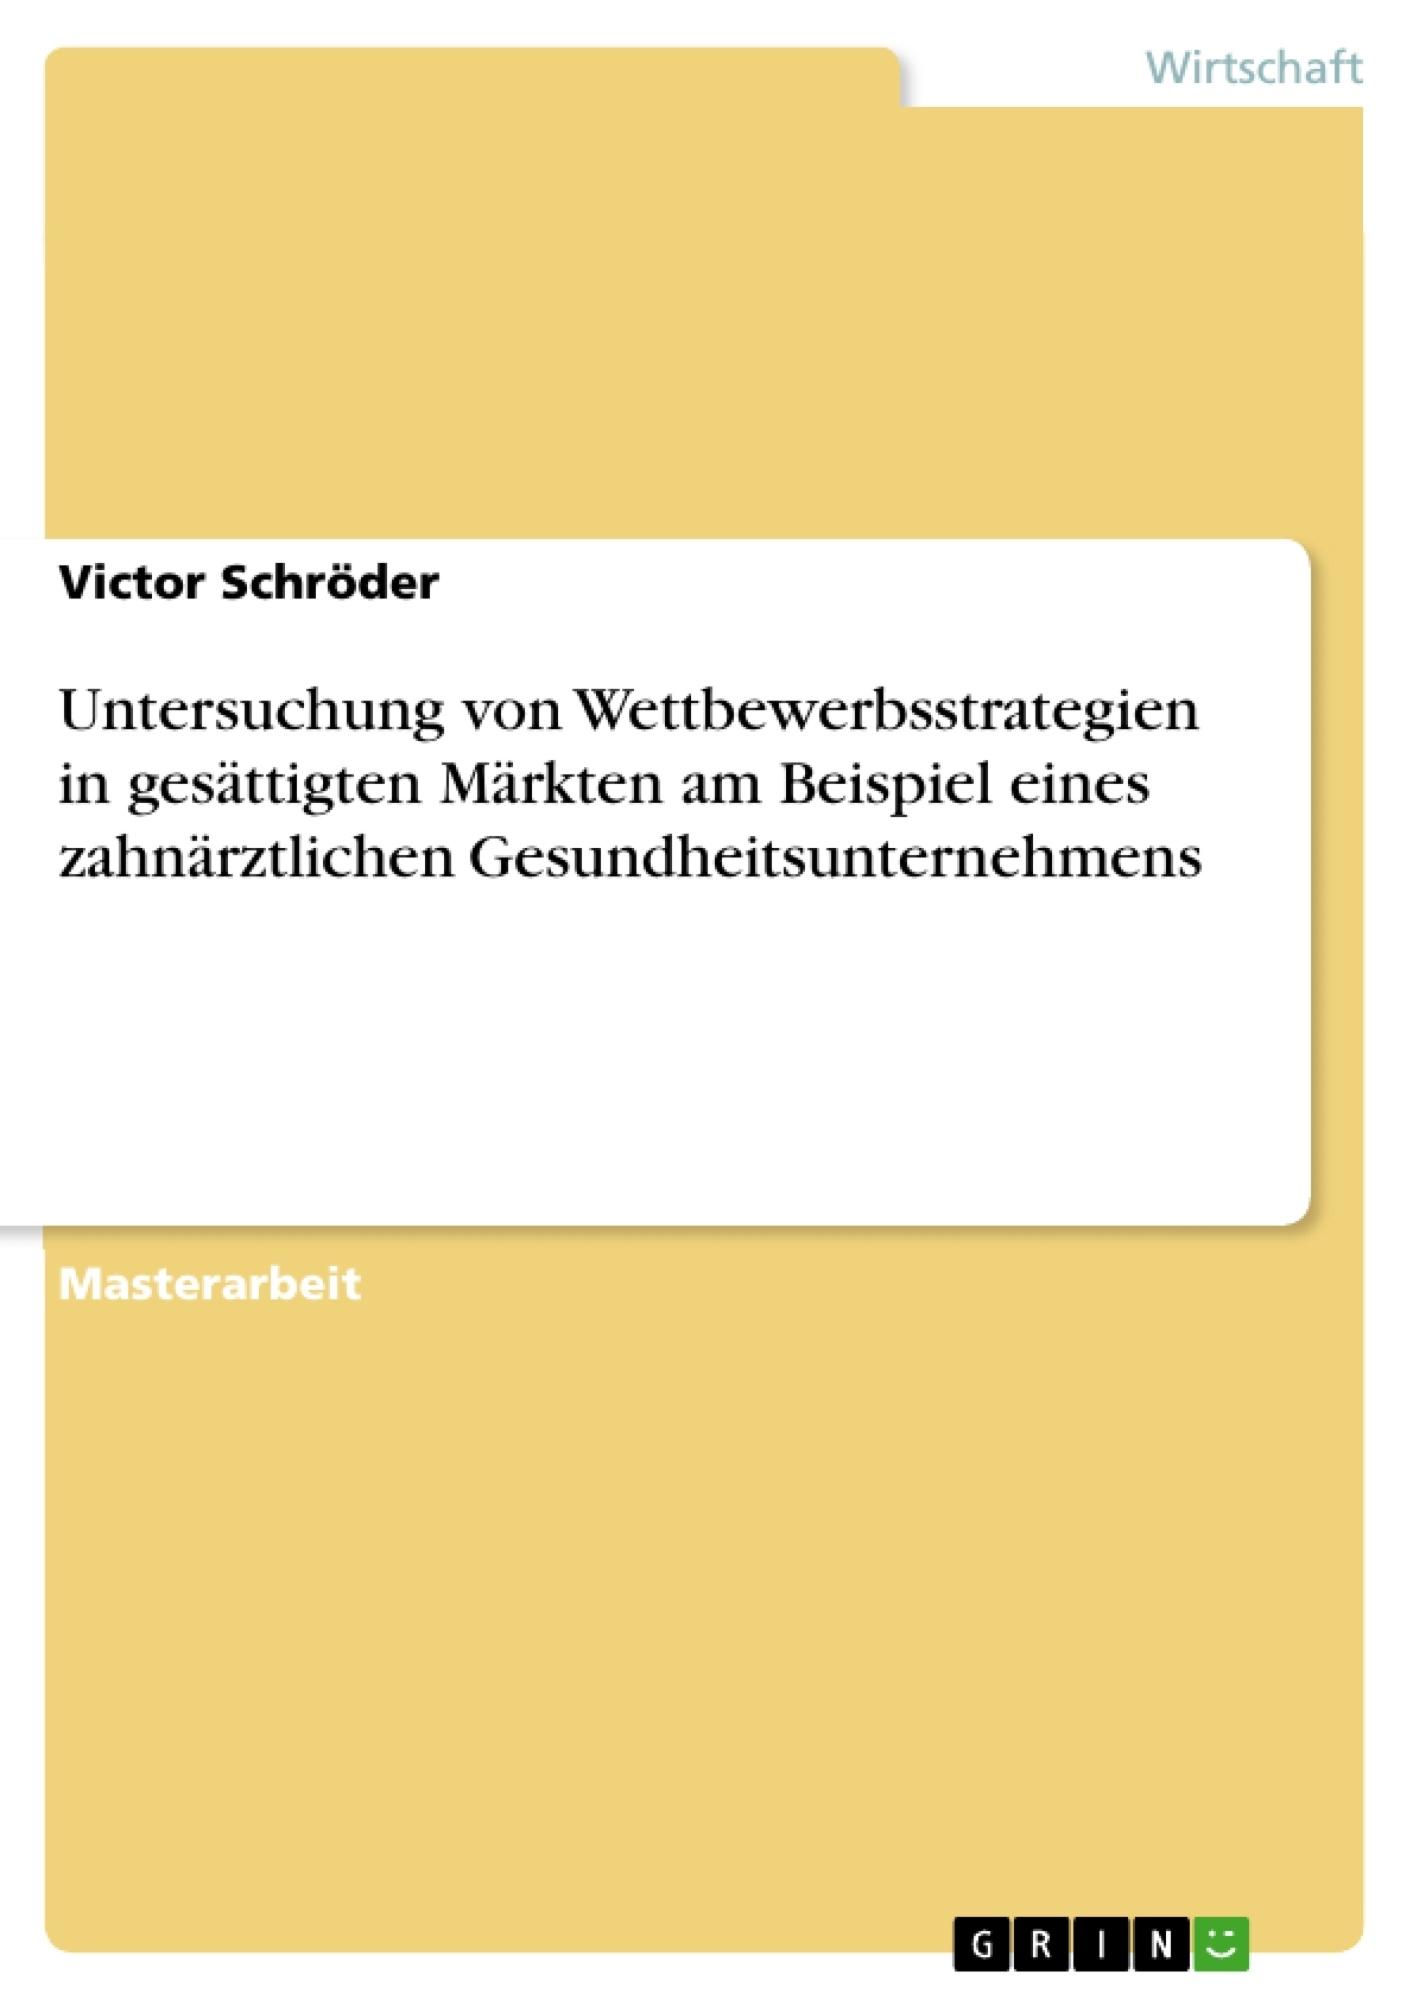 Titel: Untersuchung von Wettbewerbsstrategien in gesättigten Märkten am Beispiel eines zahnärztlichen Gesundheitsunternehmens